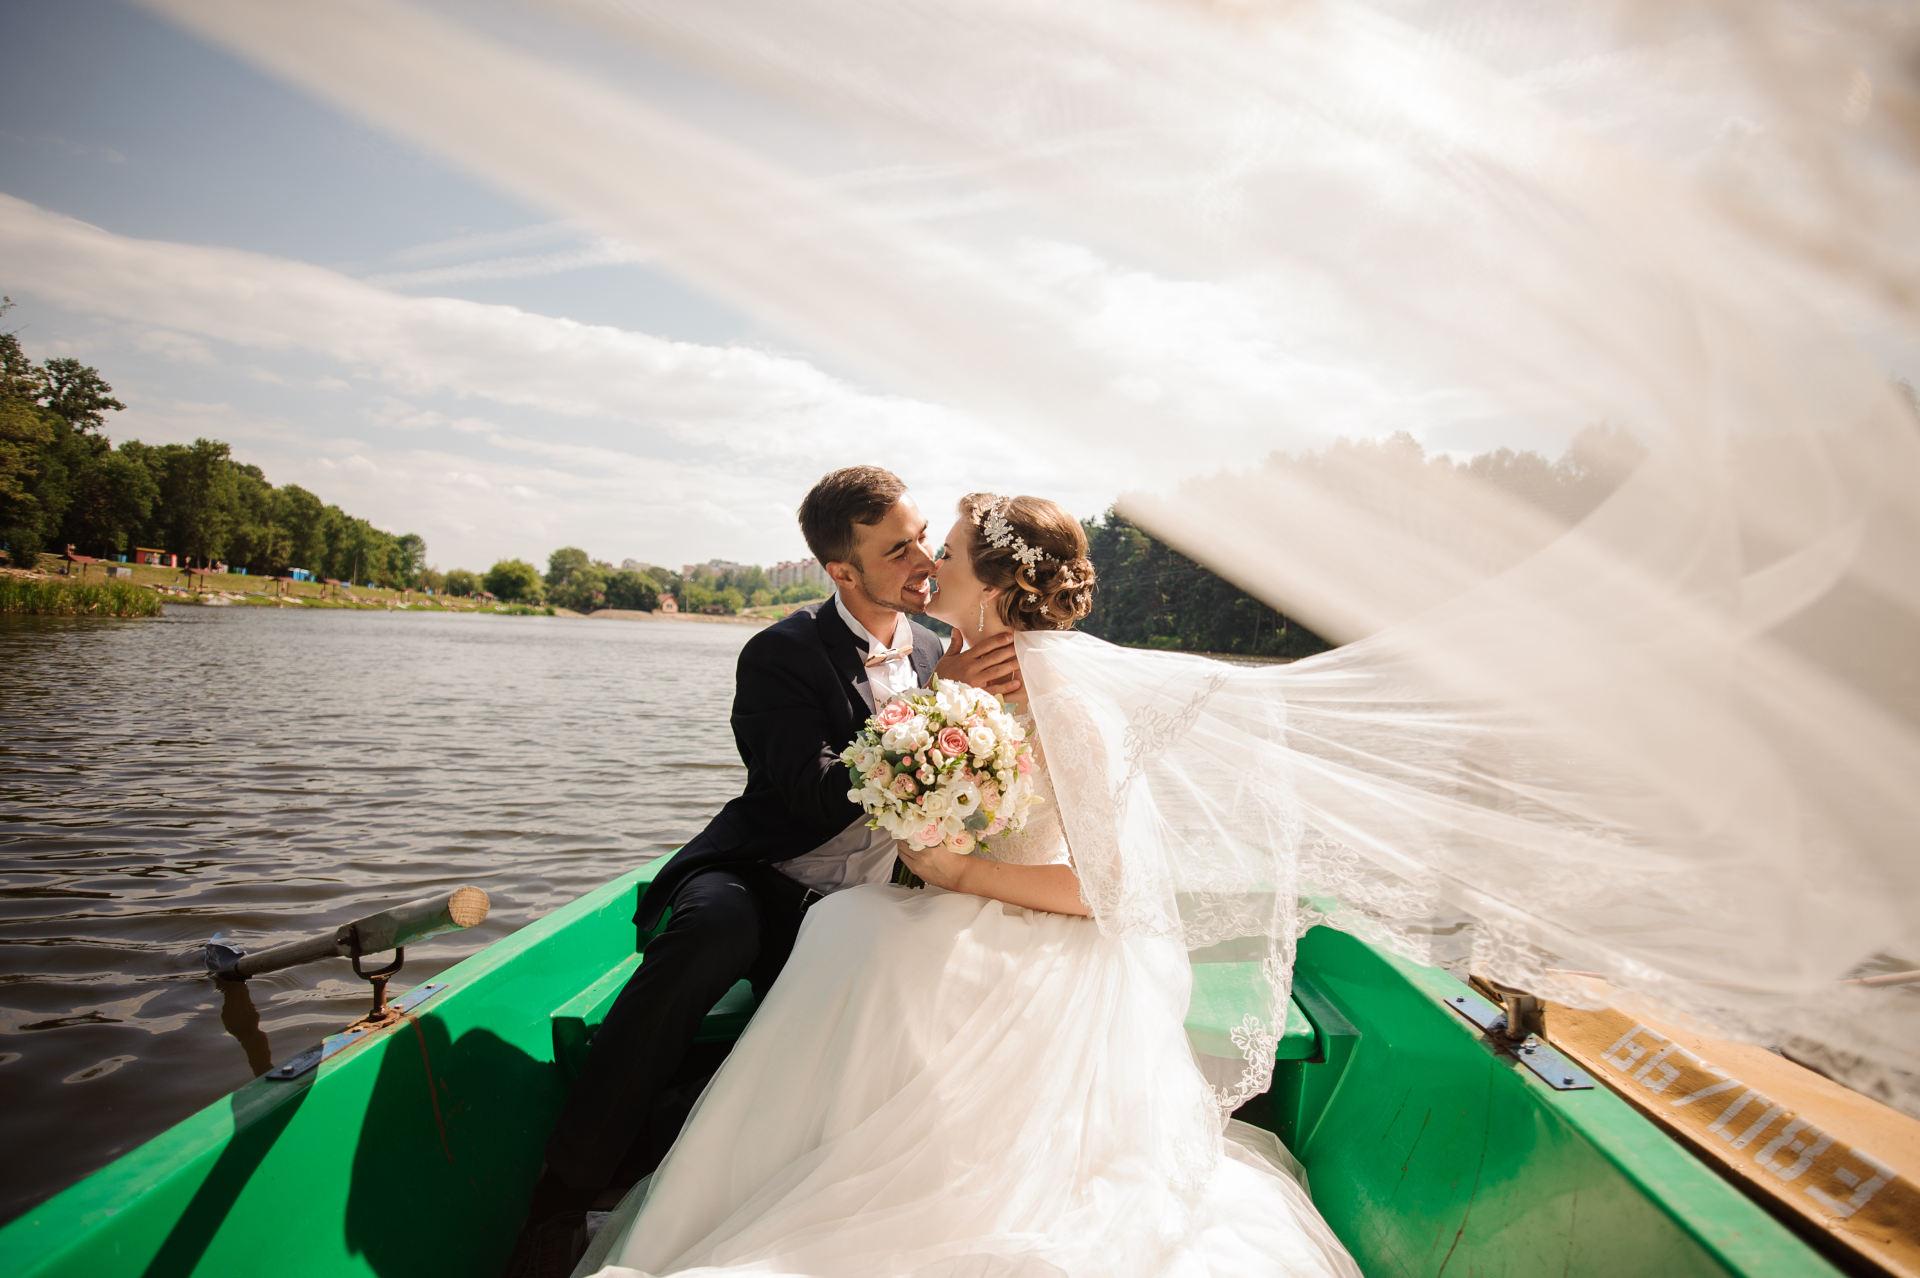 Cómo llegar a la boda: 4 medios de transporte para los novios muy originales